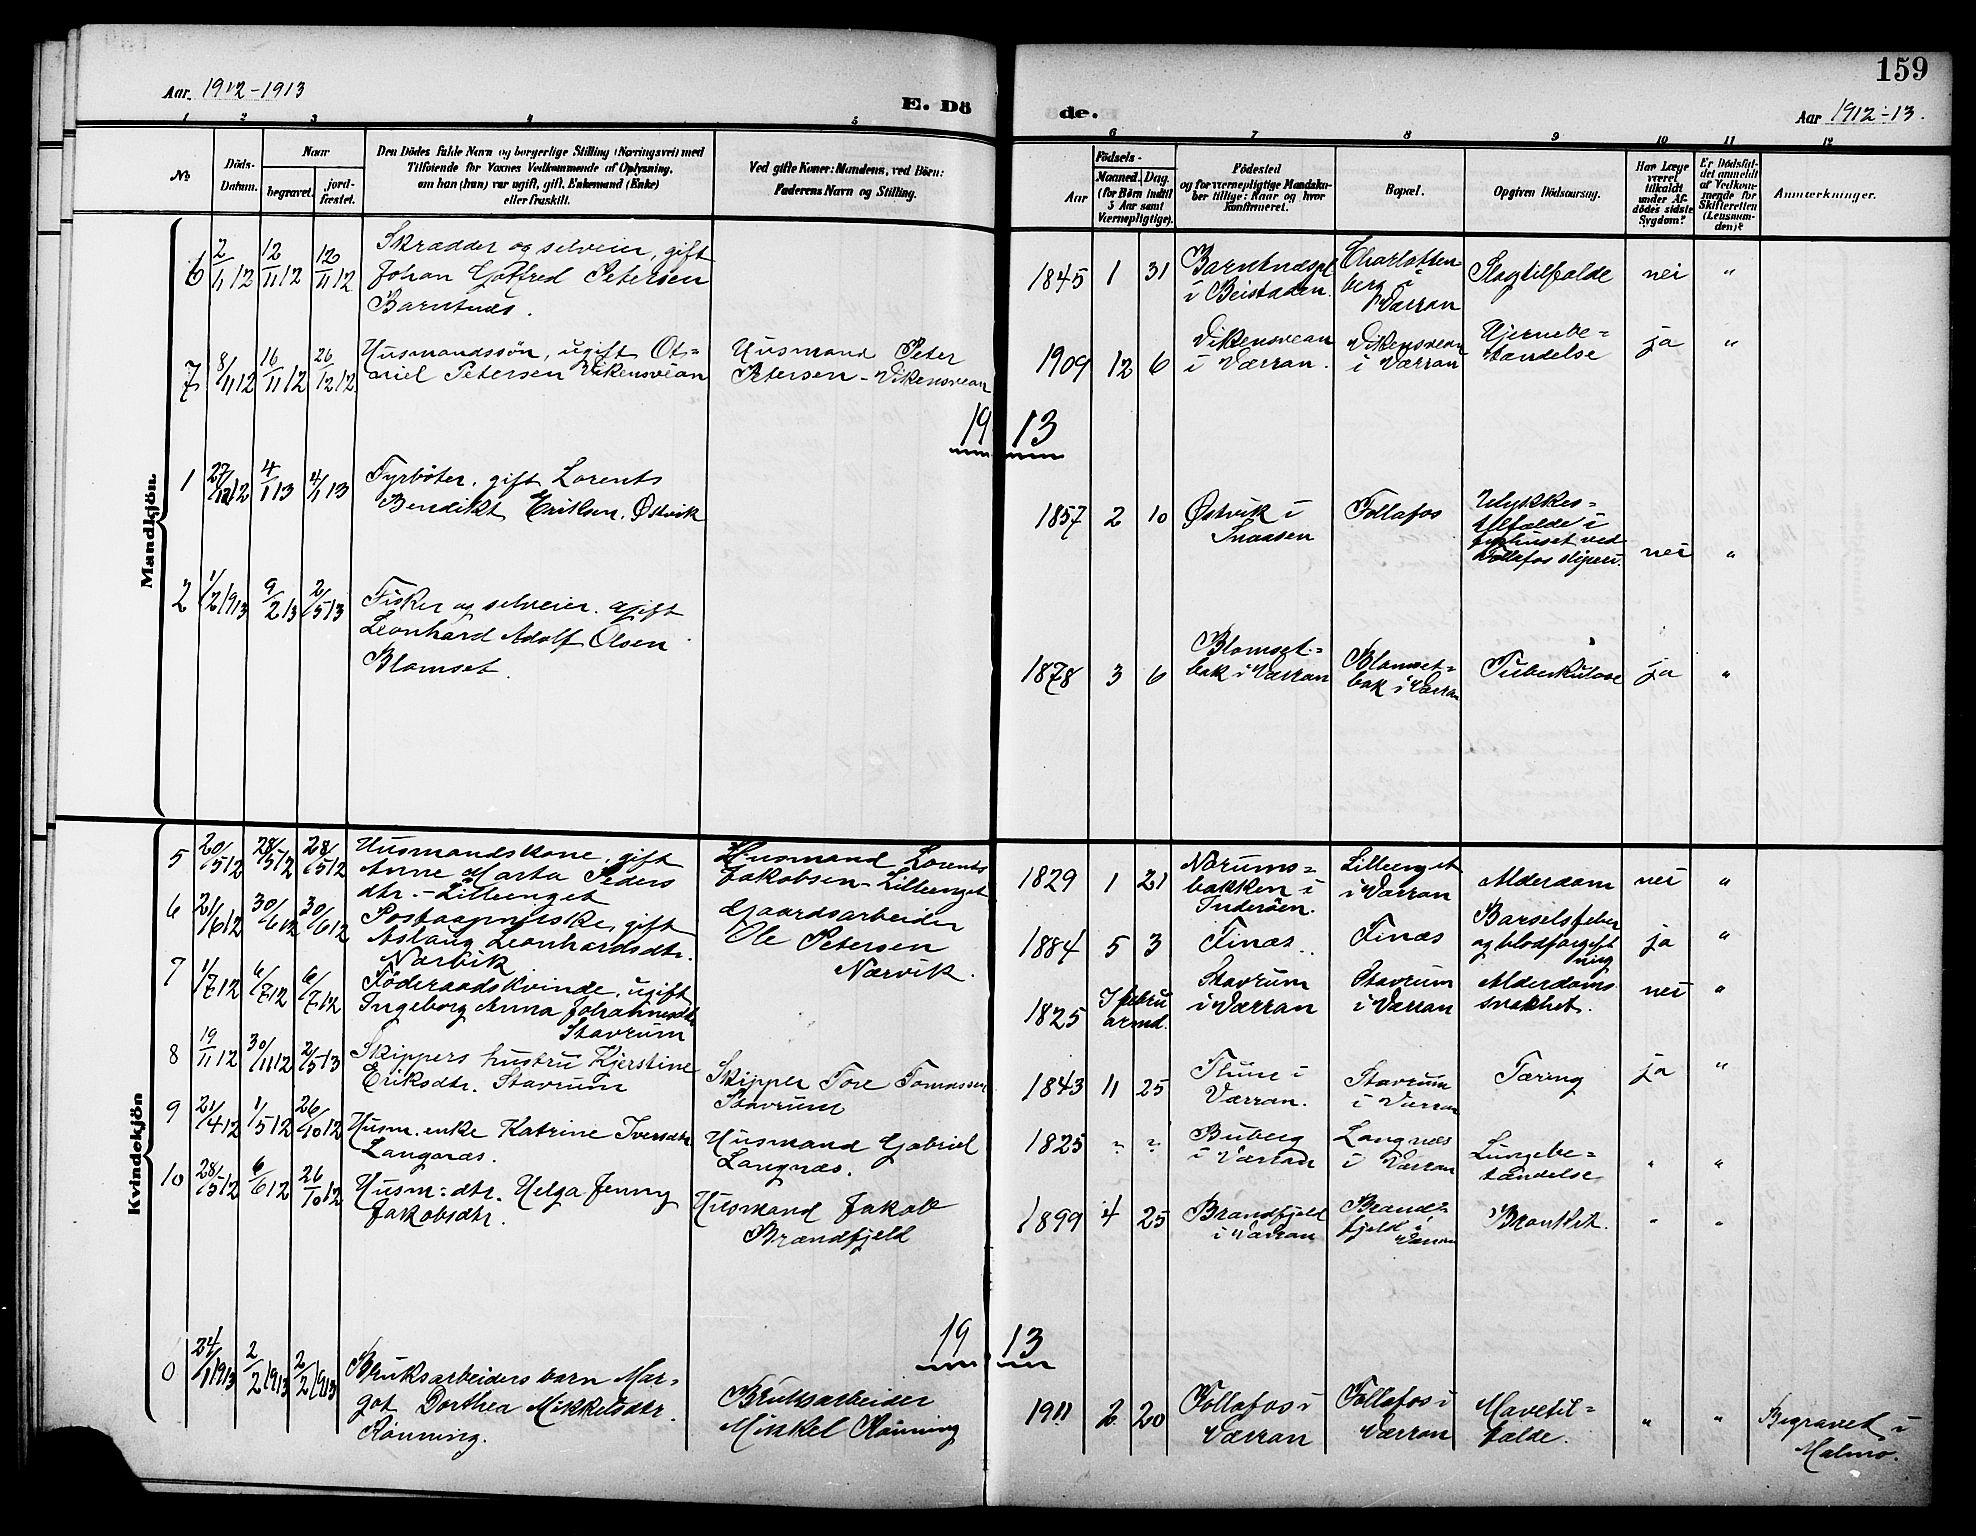 SAT, Ministerialprotokoller, klokkerbøker og fødselsregistre - Nord-Trøndelag, 744/L0424: Klokkerbok nr. 744C03, 1906-1923, s. 159